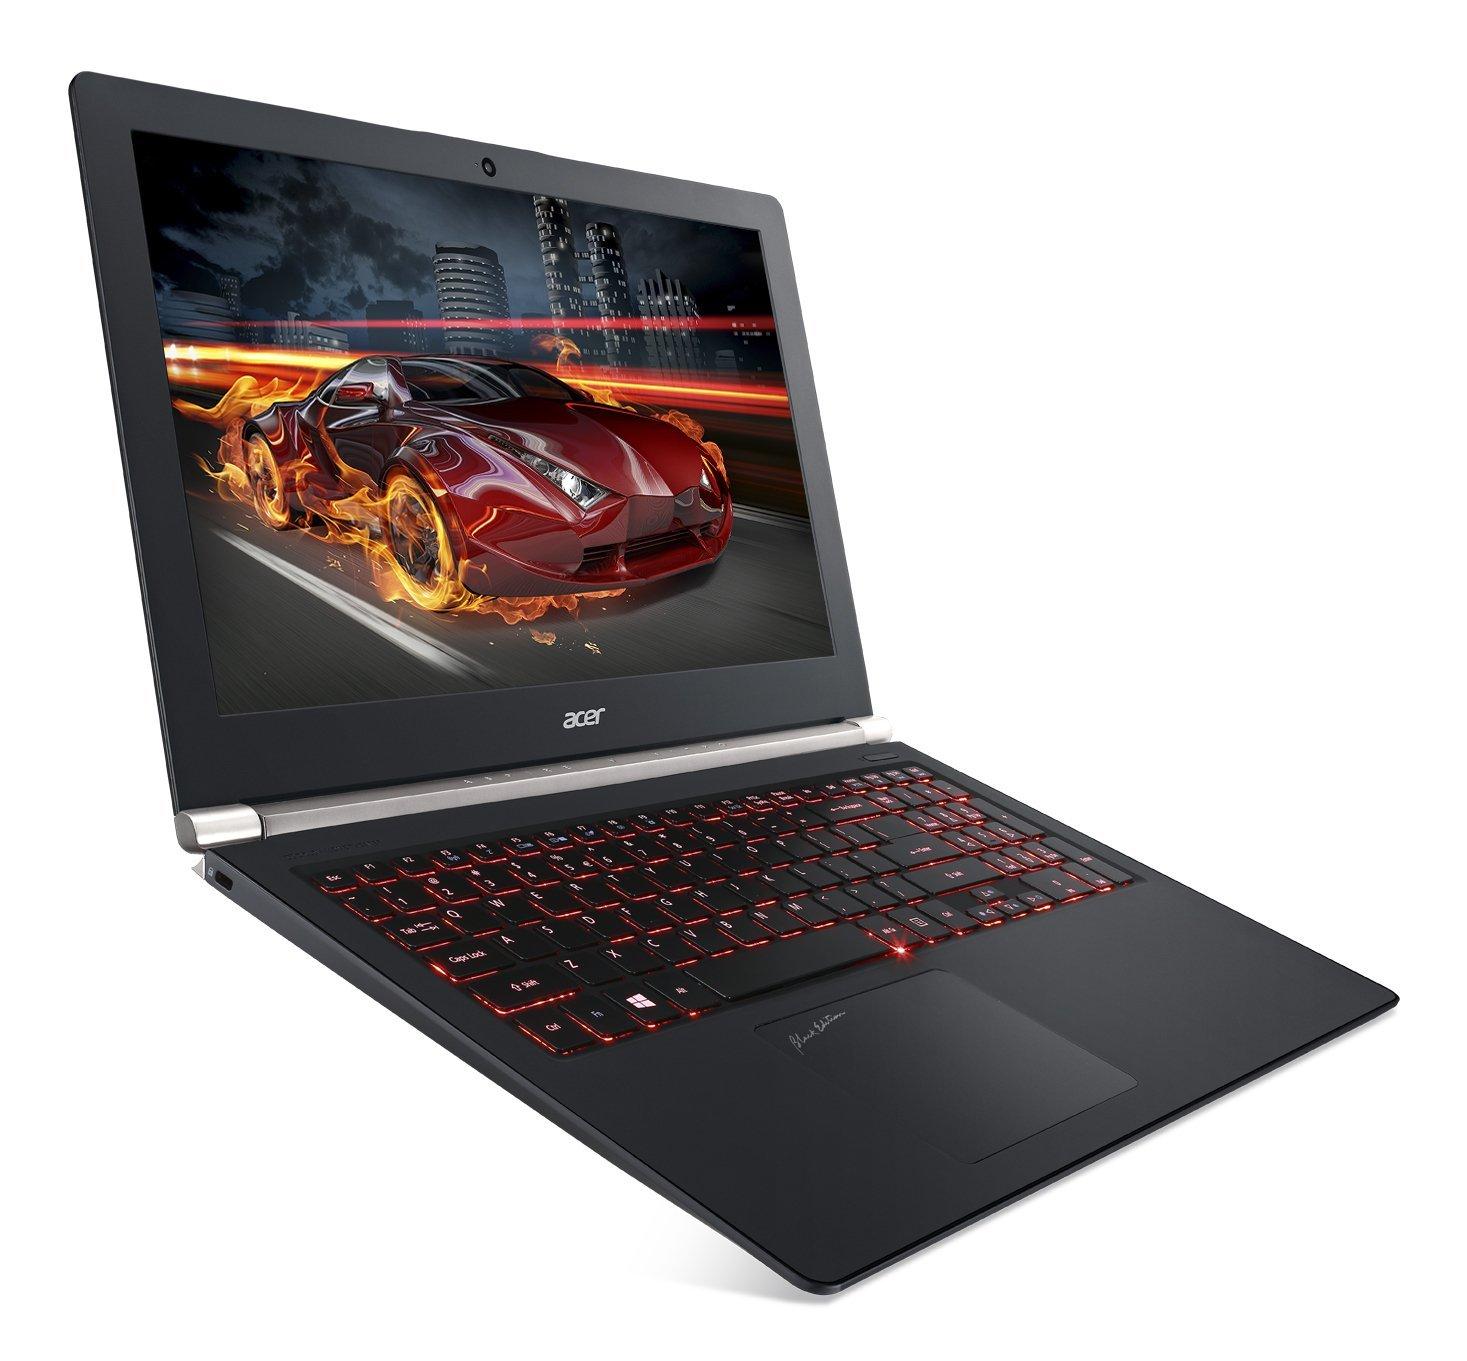 Acer Aspire V15 Nitro VN7-591G-70RT – Review